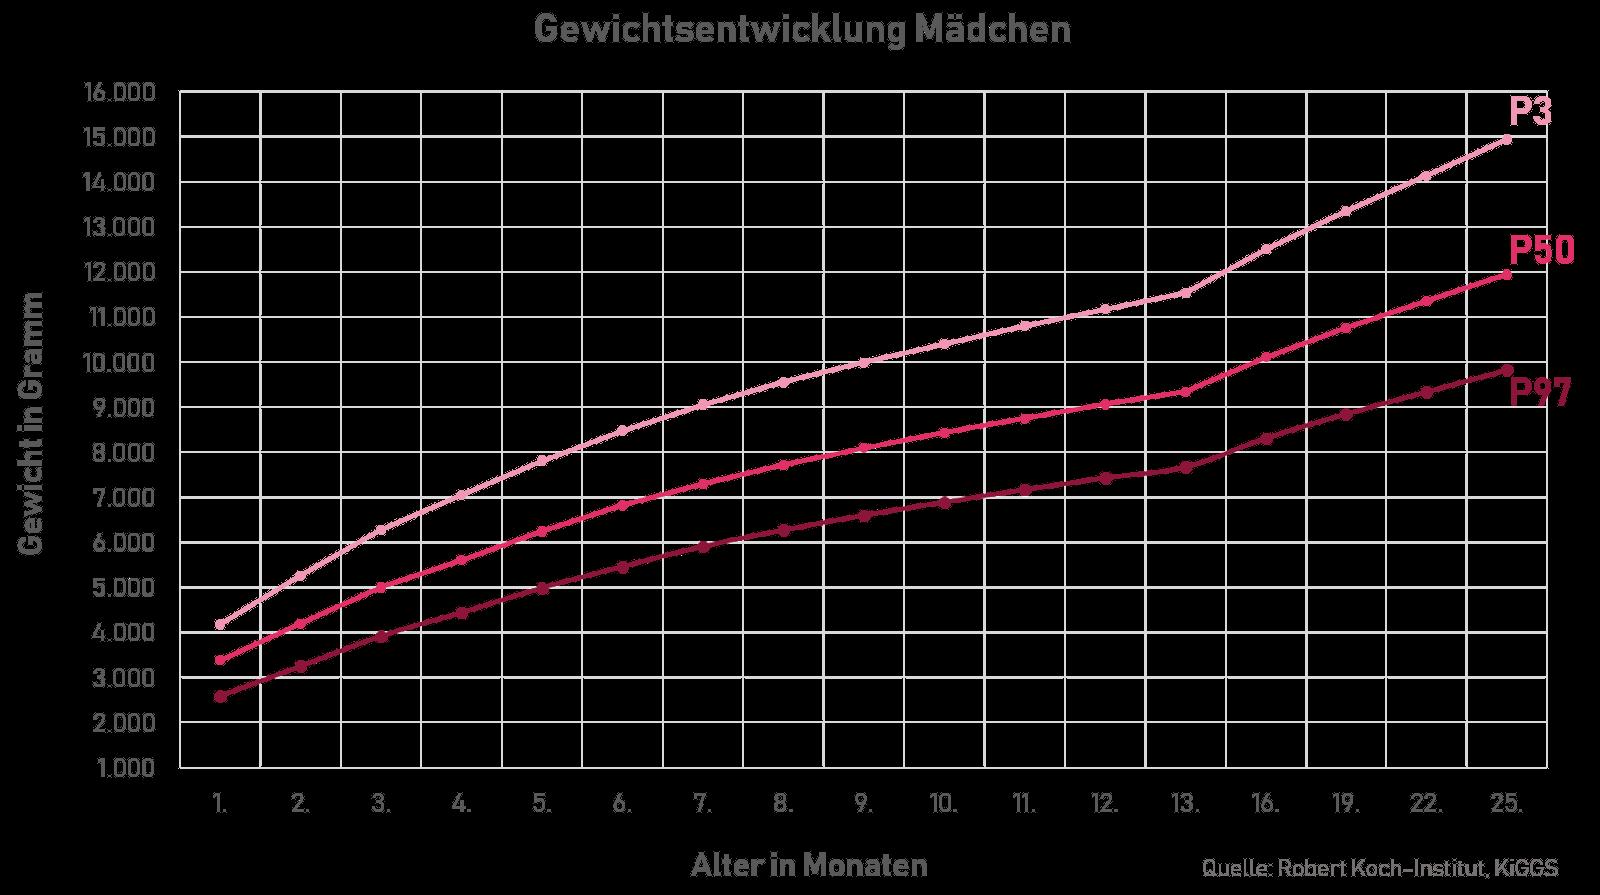 Wachstumskurve von Mädchen in den ersten 24 Monaten.